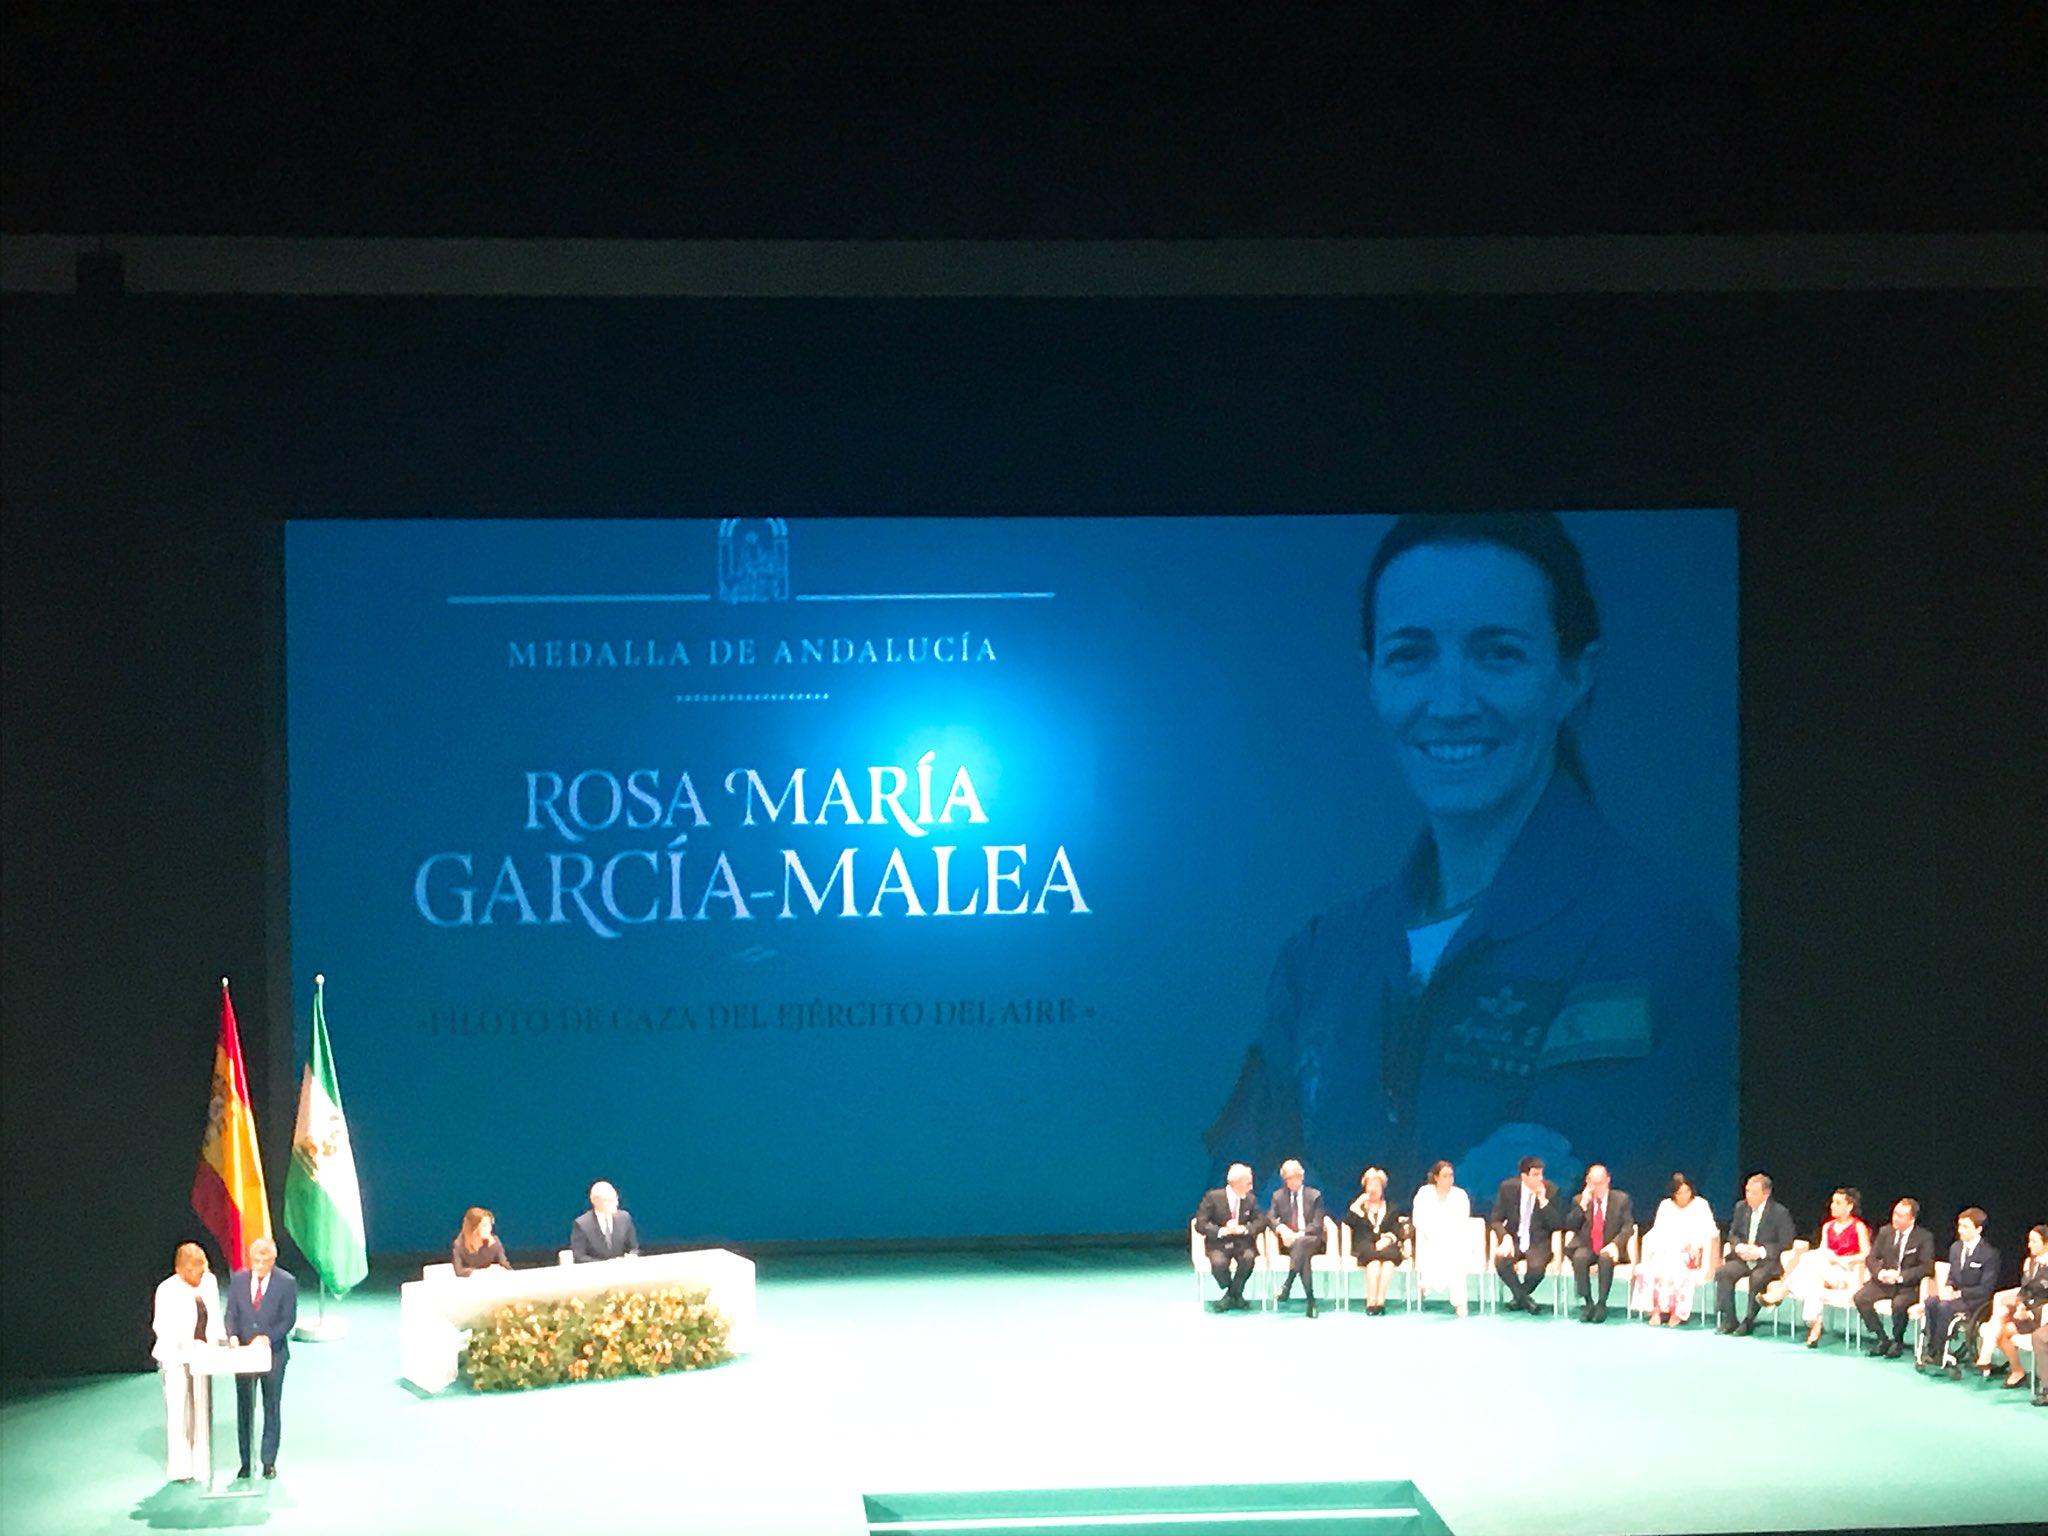 La primera piloto de caza del ejército española, Rosa María García-Malea #MedallasDeAndalucía https://t.co/75R22vZn3c